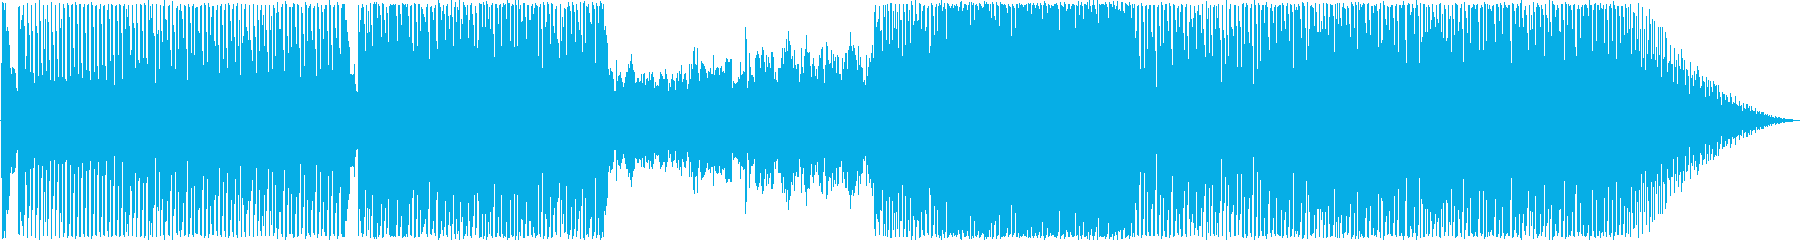 ループ溝とハモンドのみの再生済みの波形